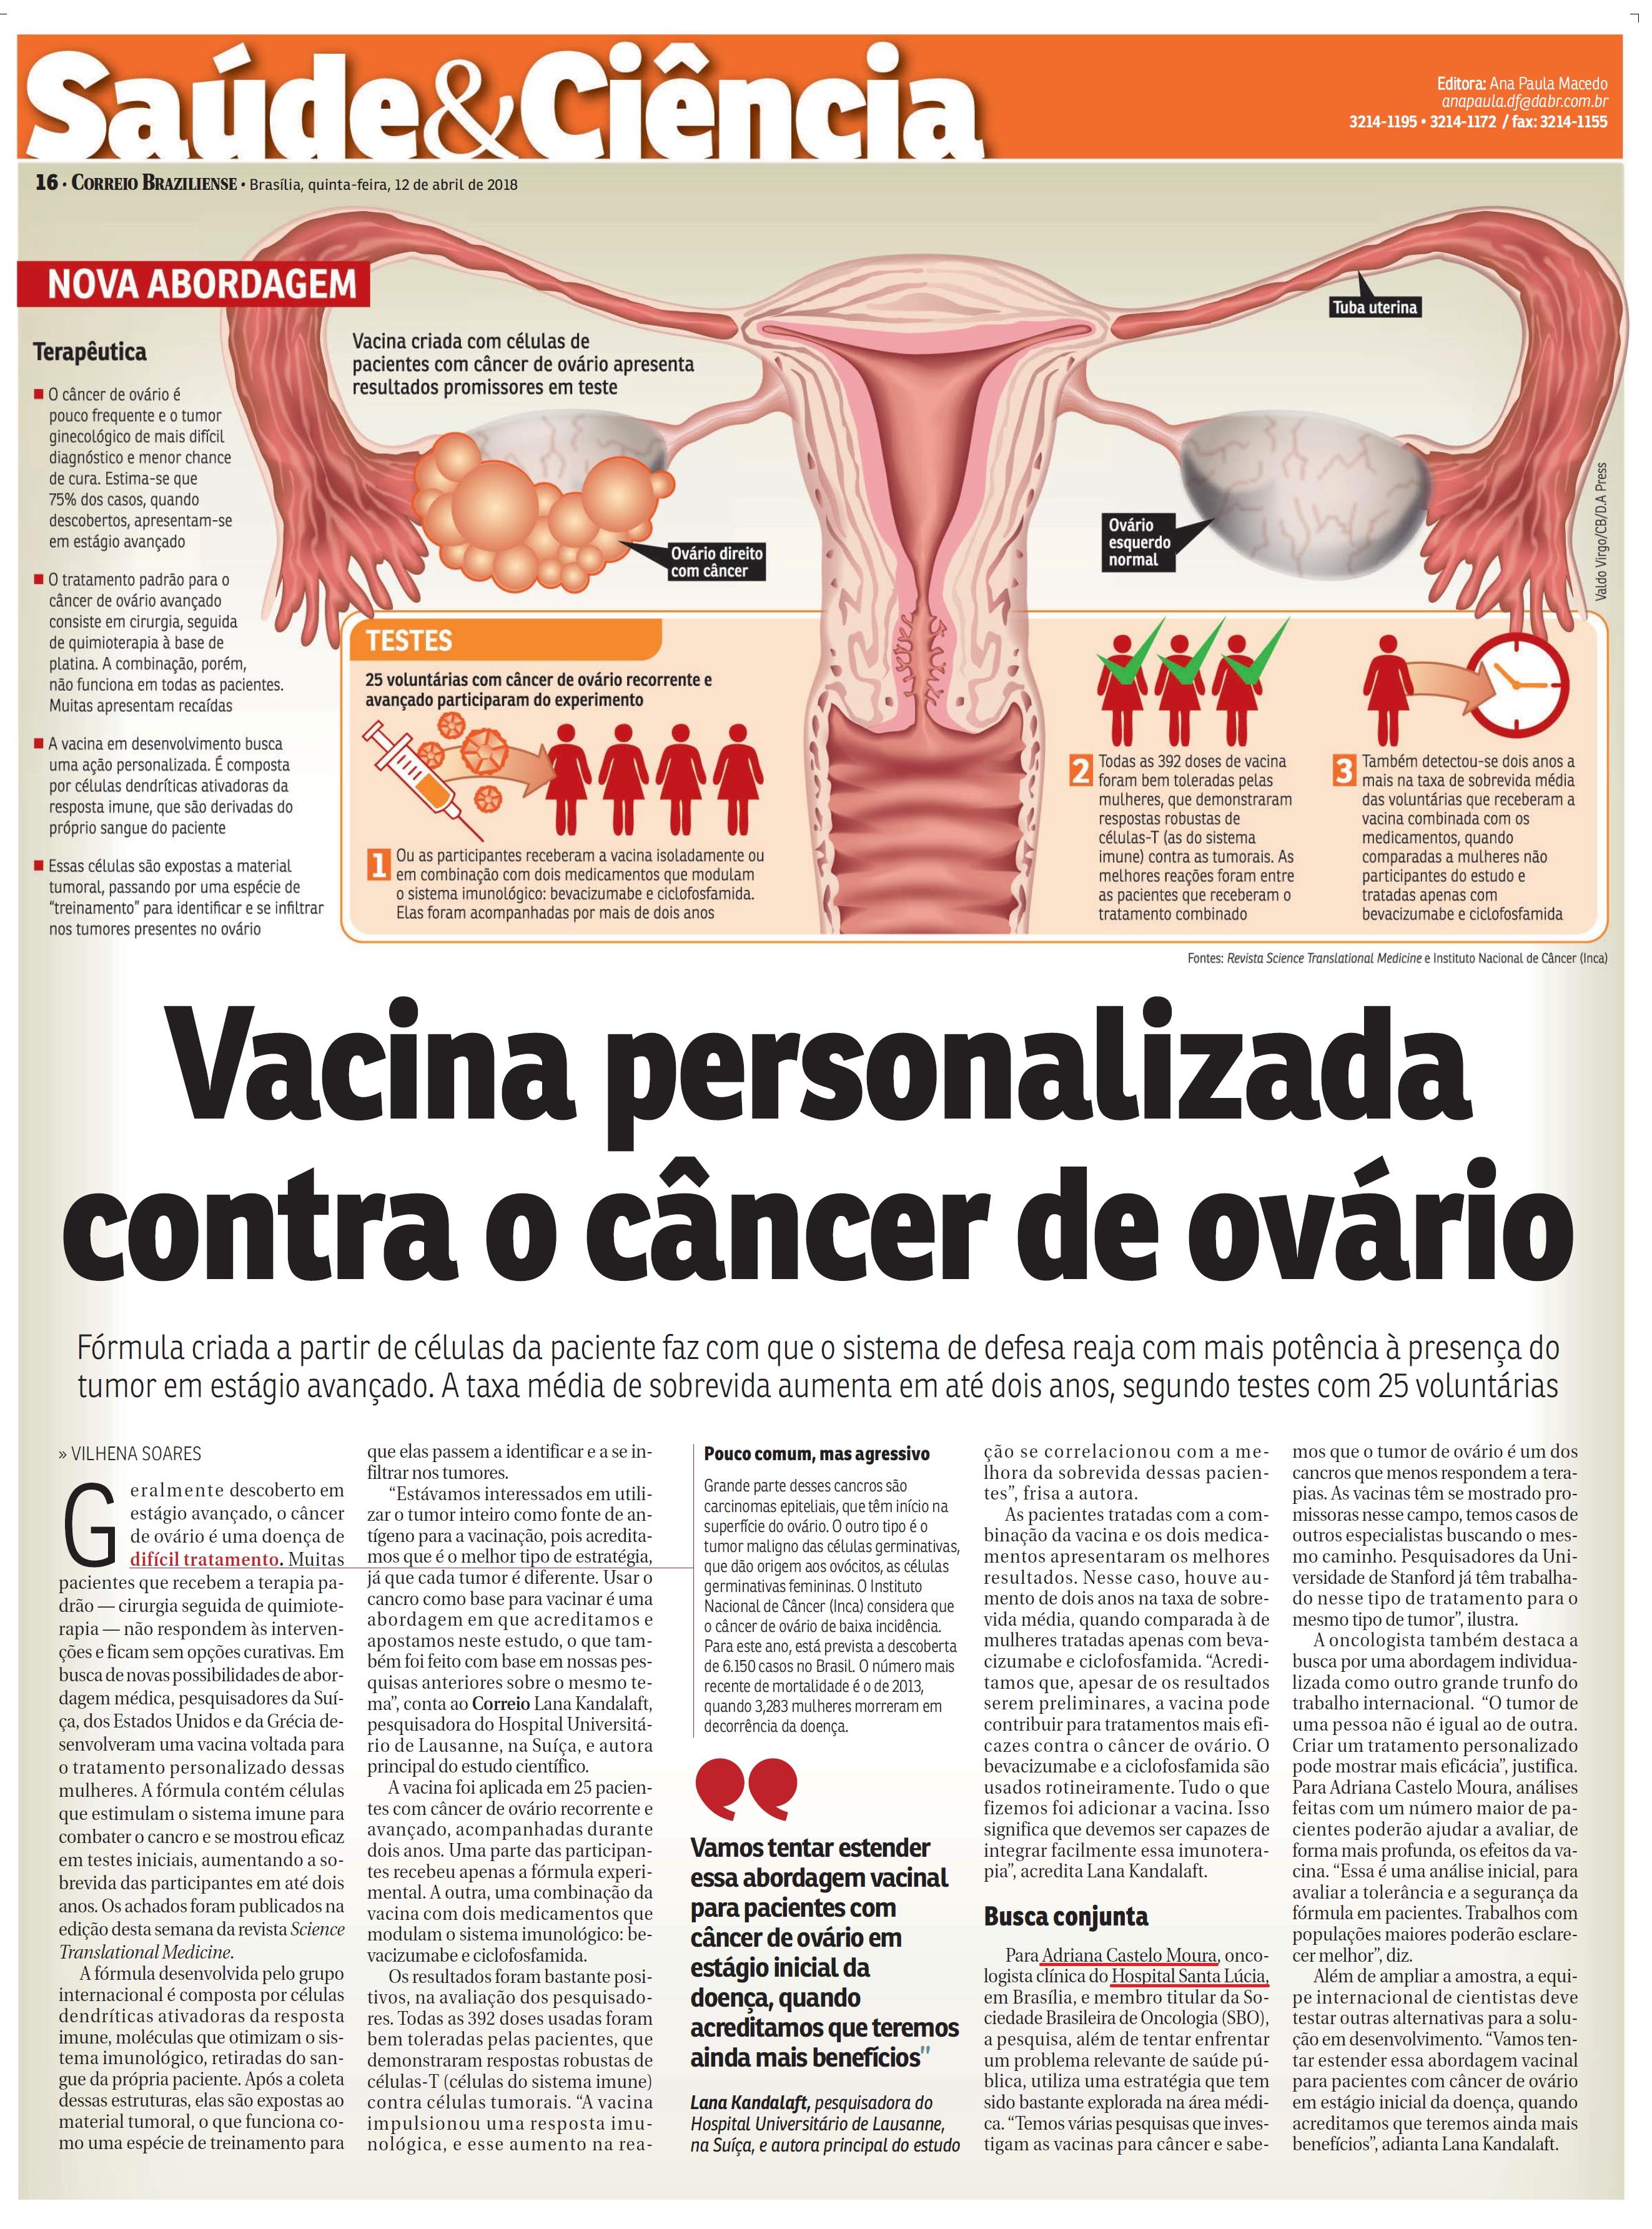 Correio Braziliense - Dra. Adriana Castelo Moura HSLS - 12 de abril de 2018